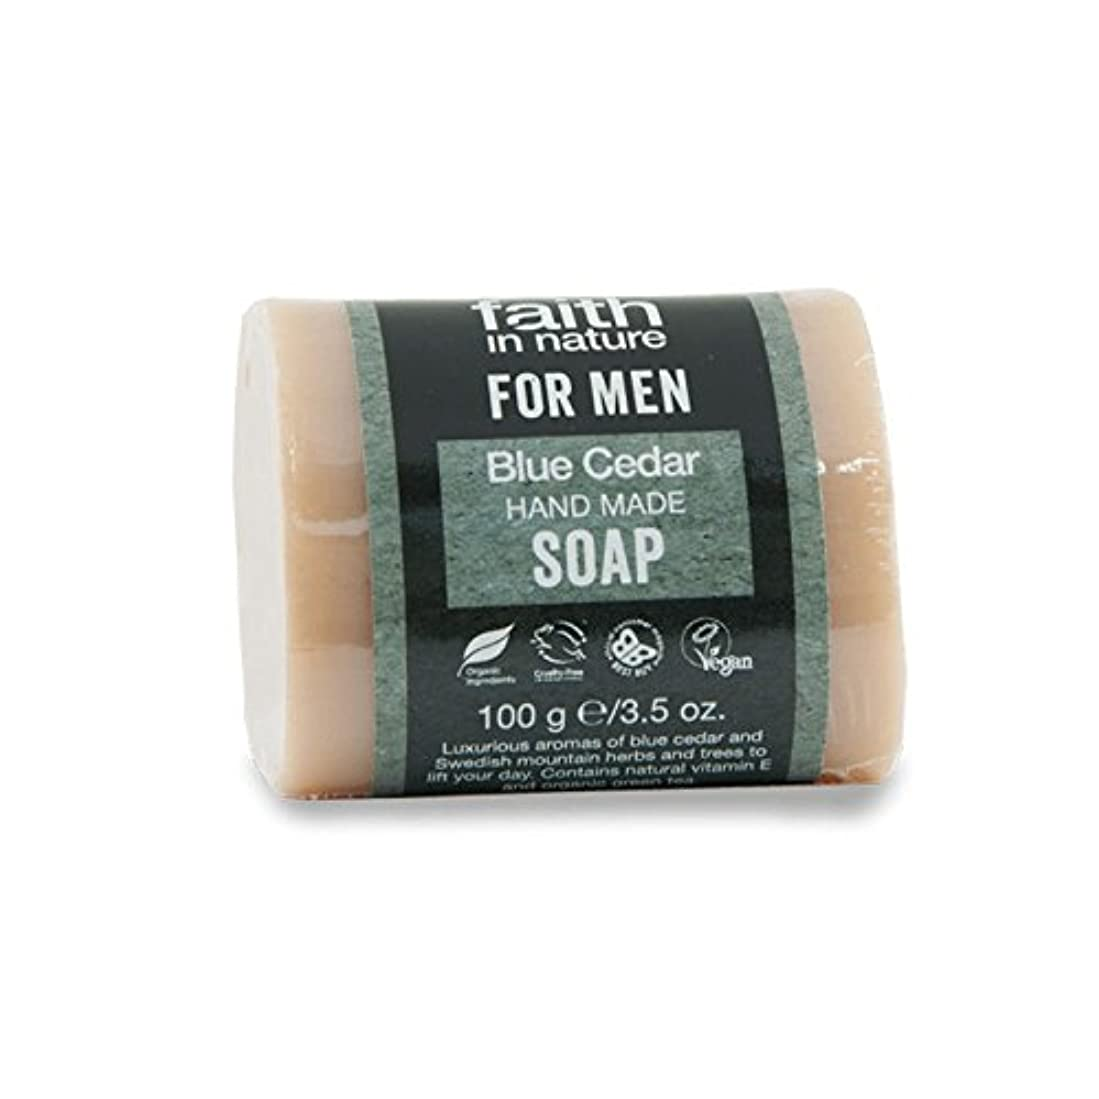 入手しますネストフクロウFaith in Nature for Men Blue Cedar Soap 100g (Pack of 6) - 男性青杉の石鹸100グラムのための自然の中で信仰 (x6) [並行輸入品]